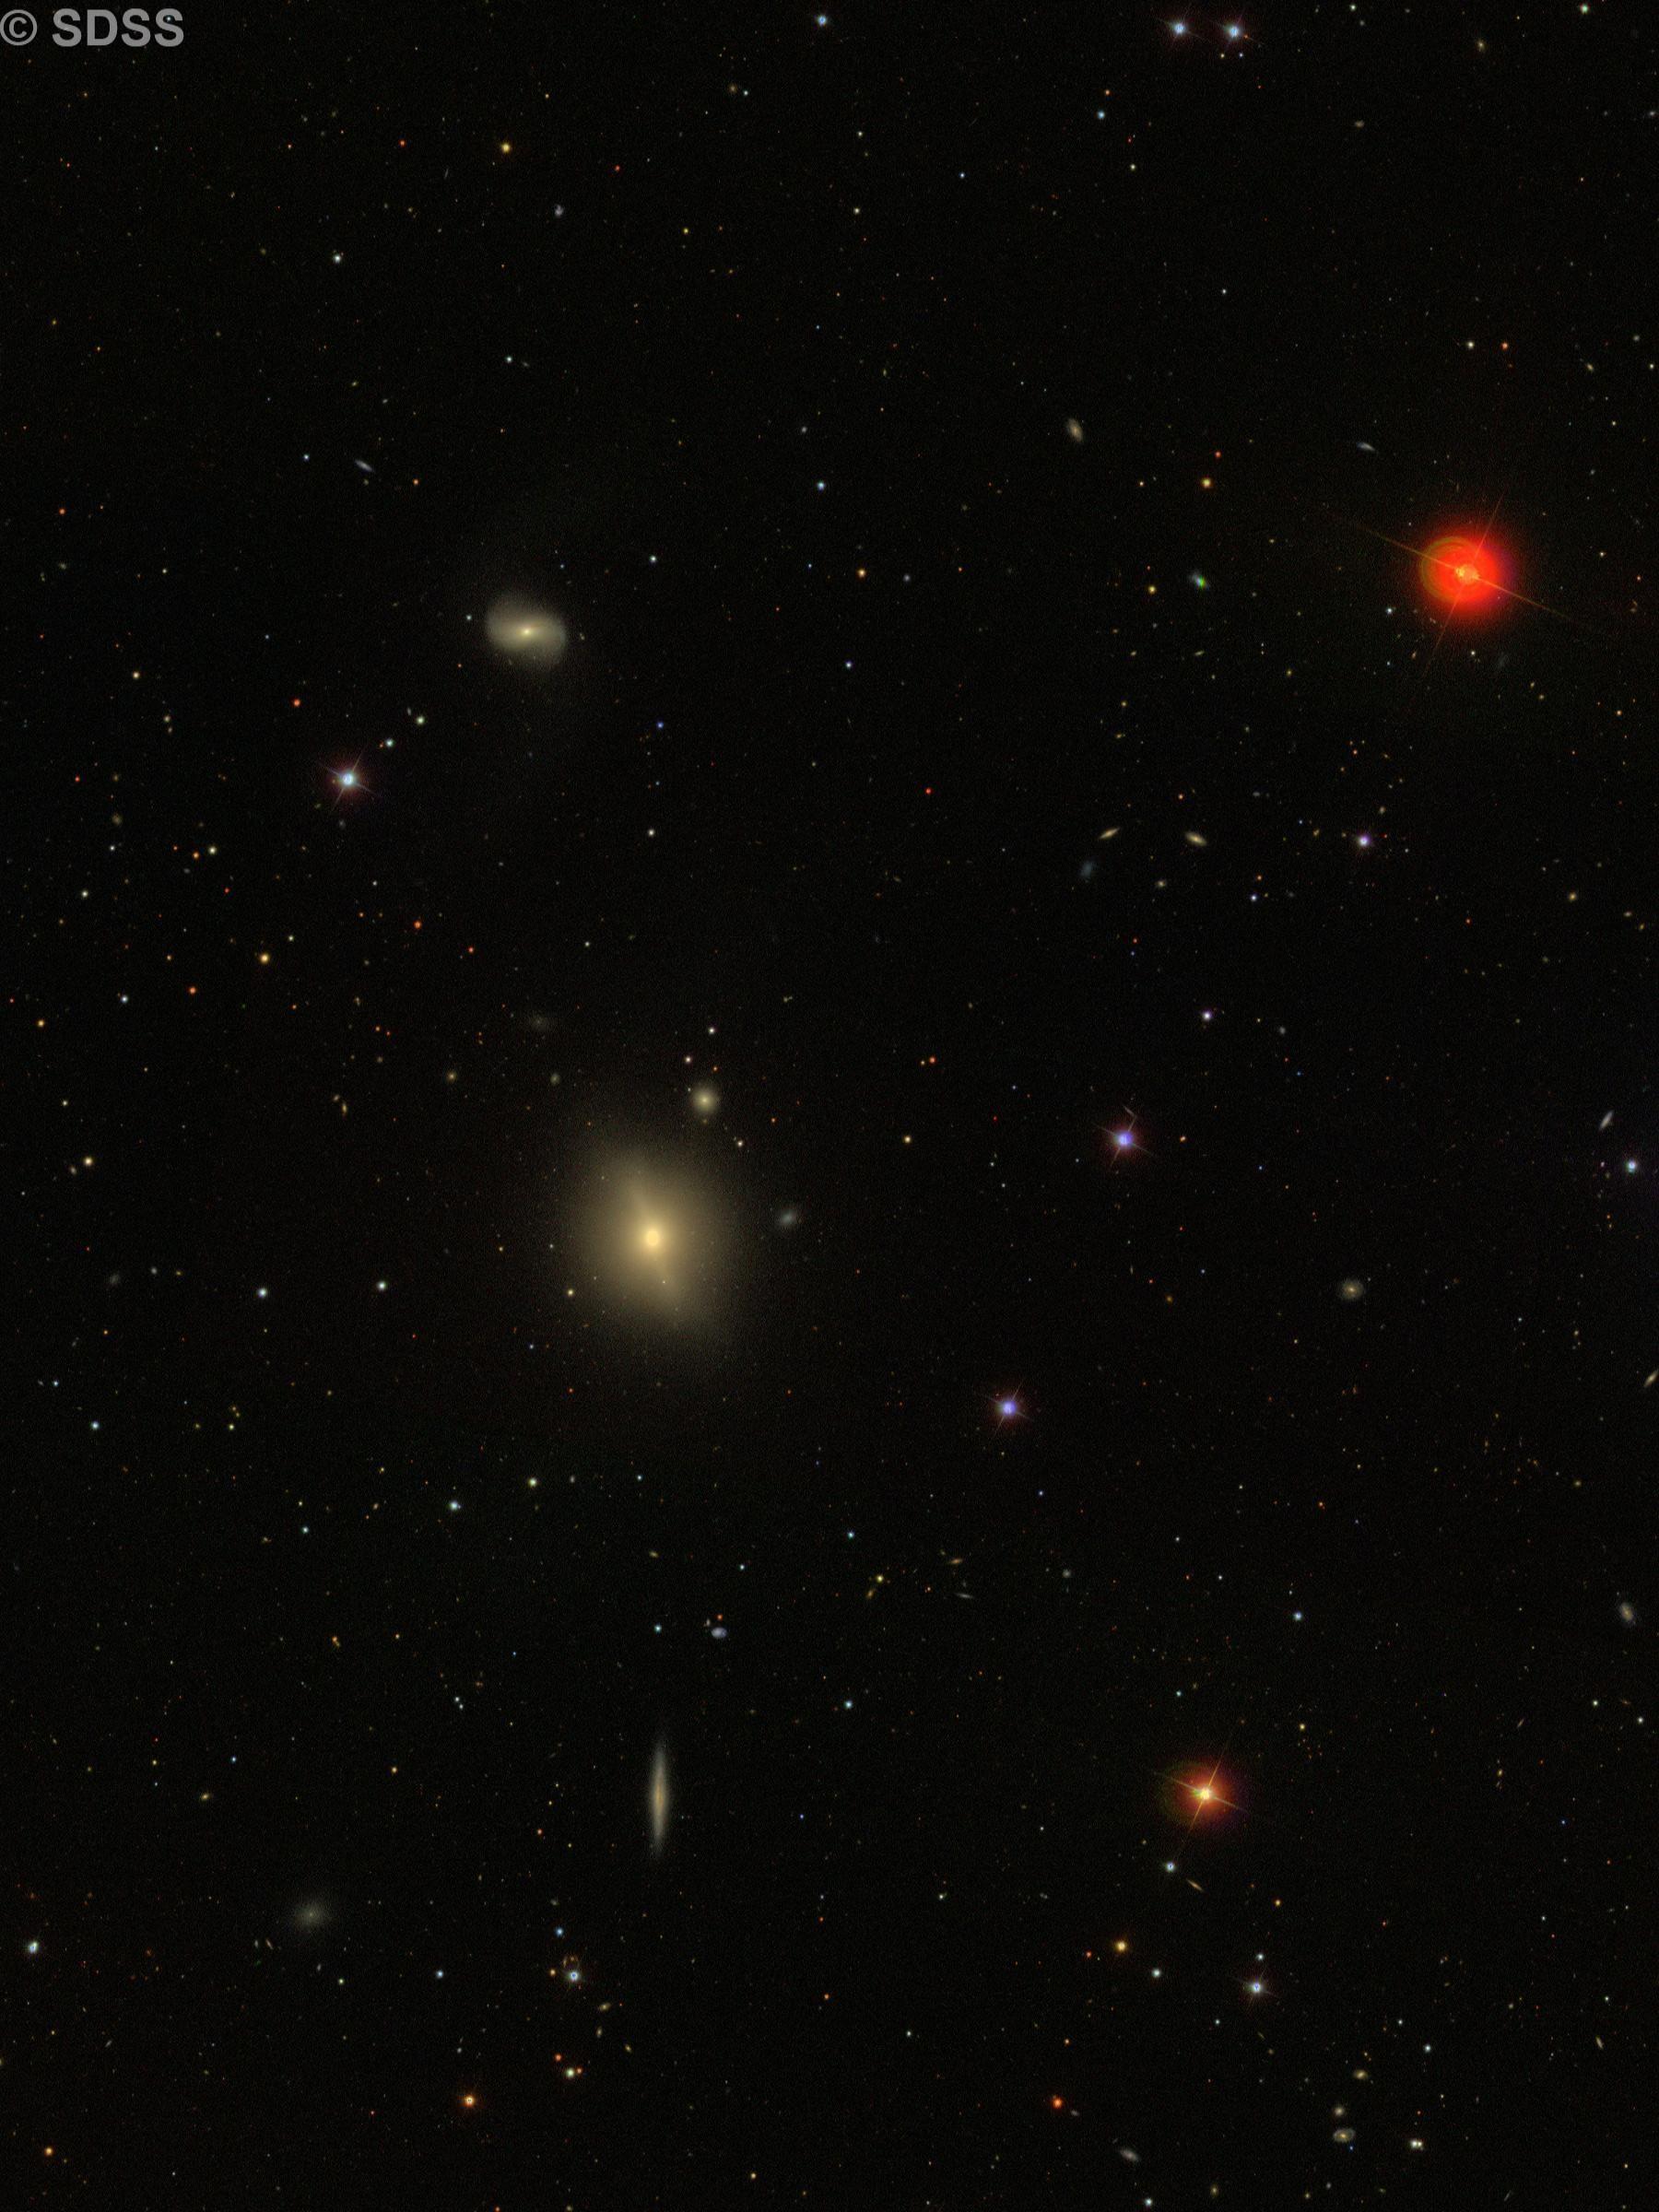 NGC 3414 & NGC 3418  (NGC 3414 = Arp 162)